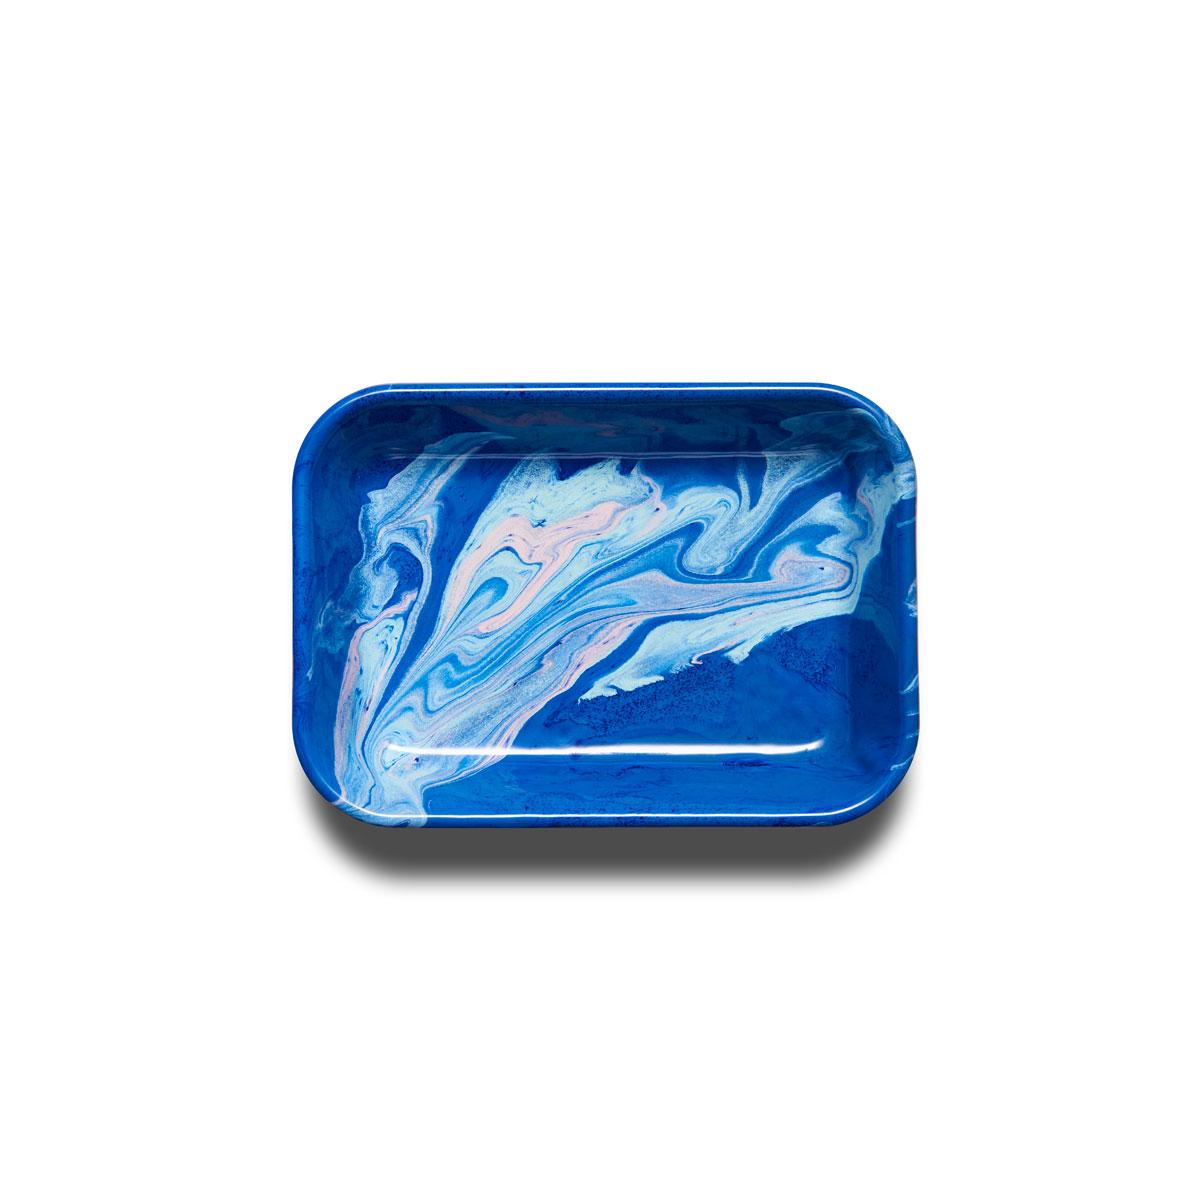 Plateau émaillé Marble bleu